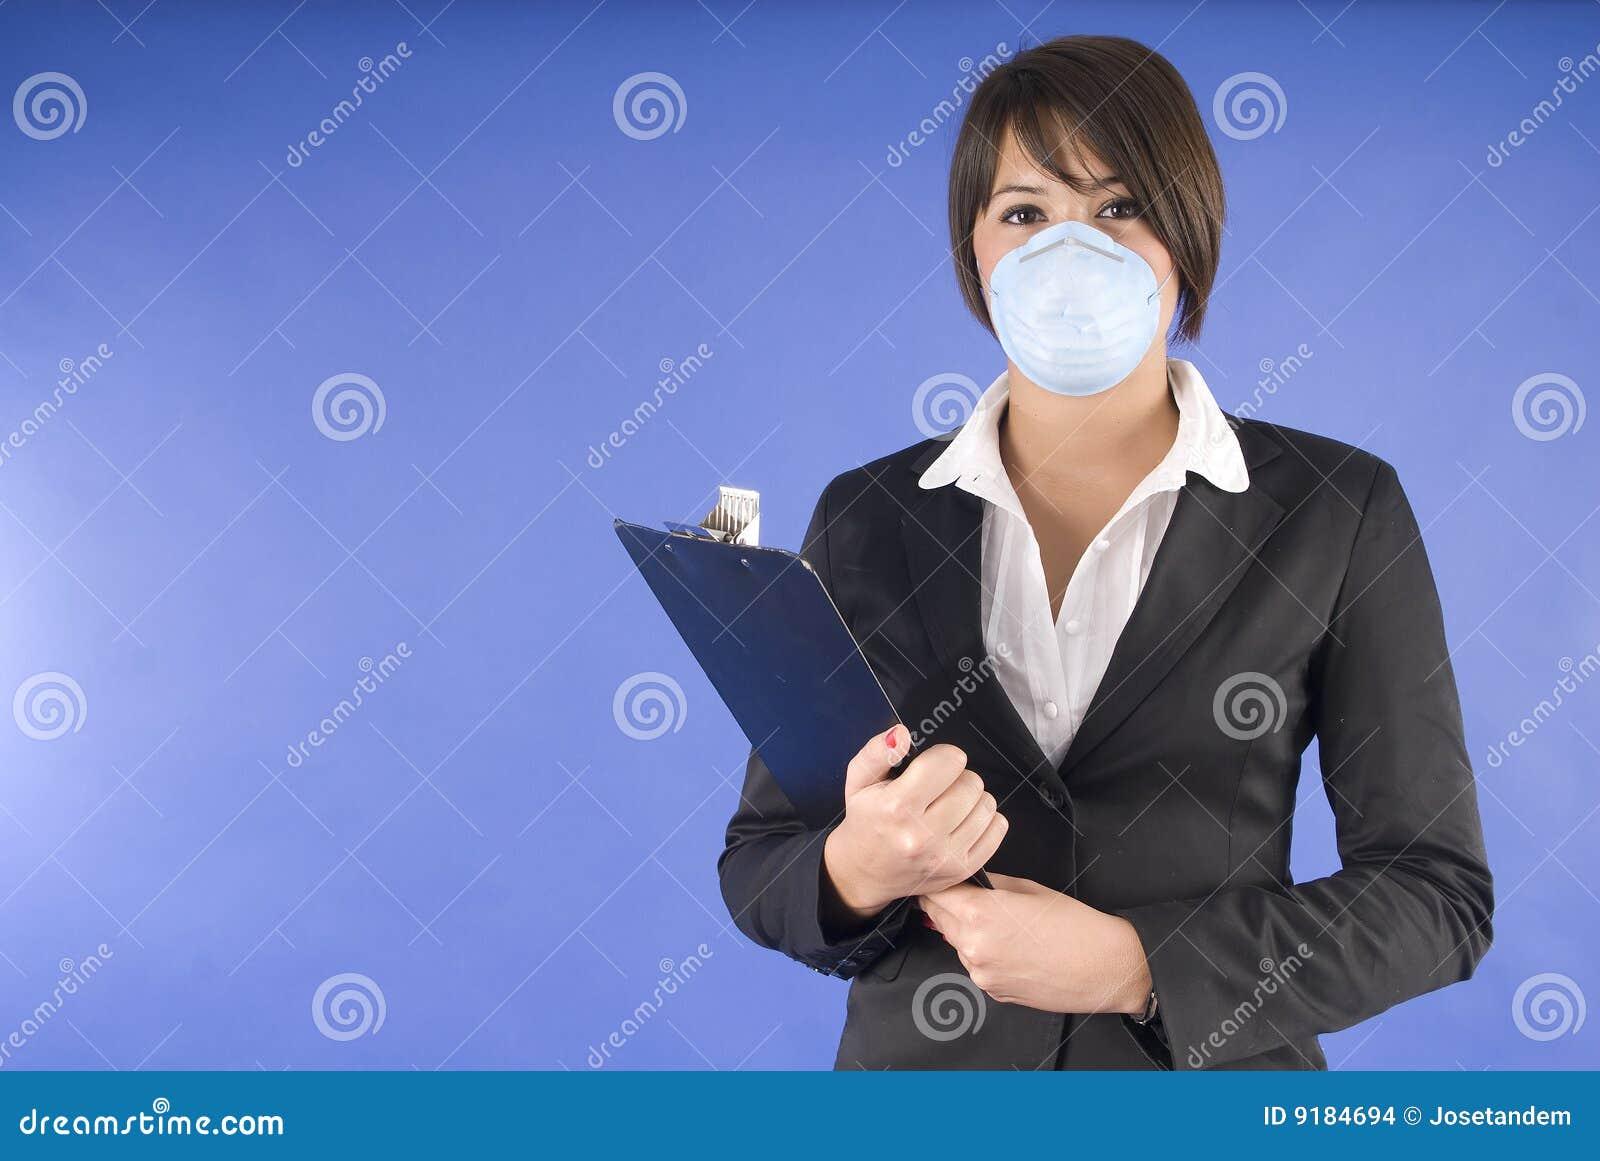 Wykonawczej grypy maski ochronna chlewni kobieta